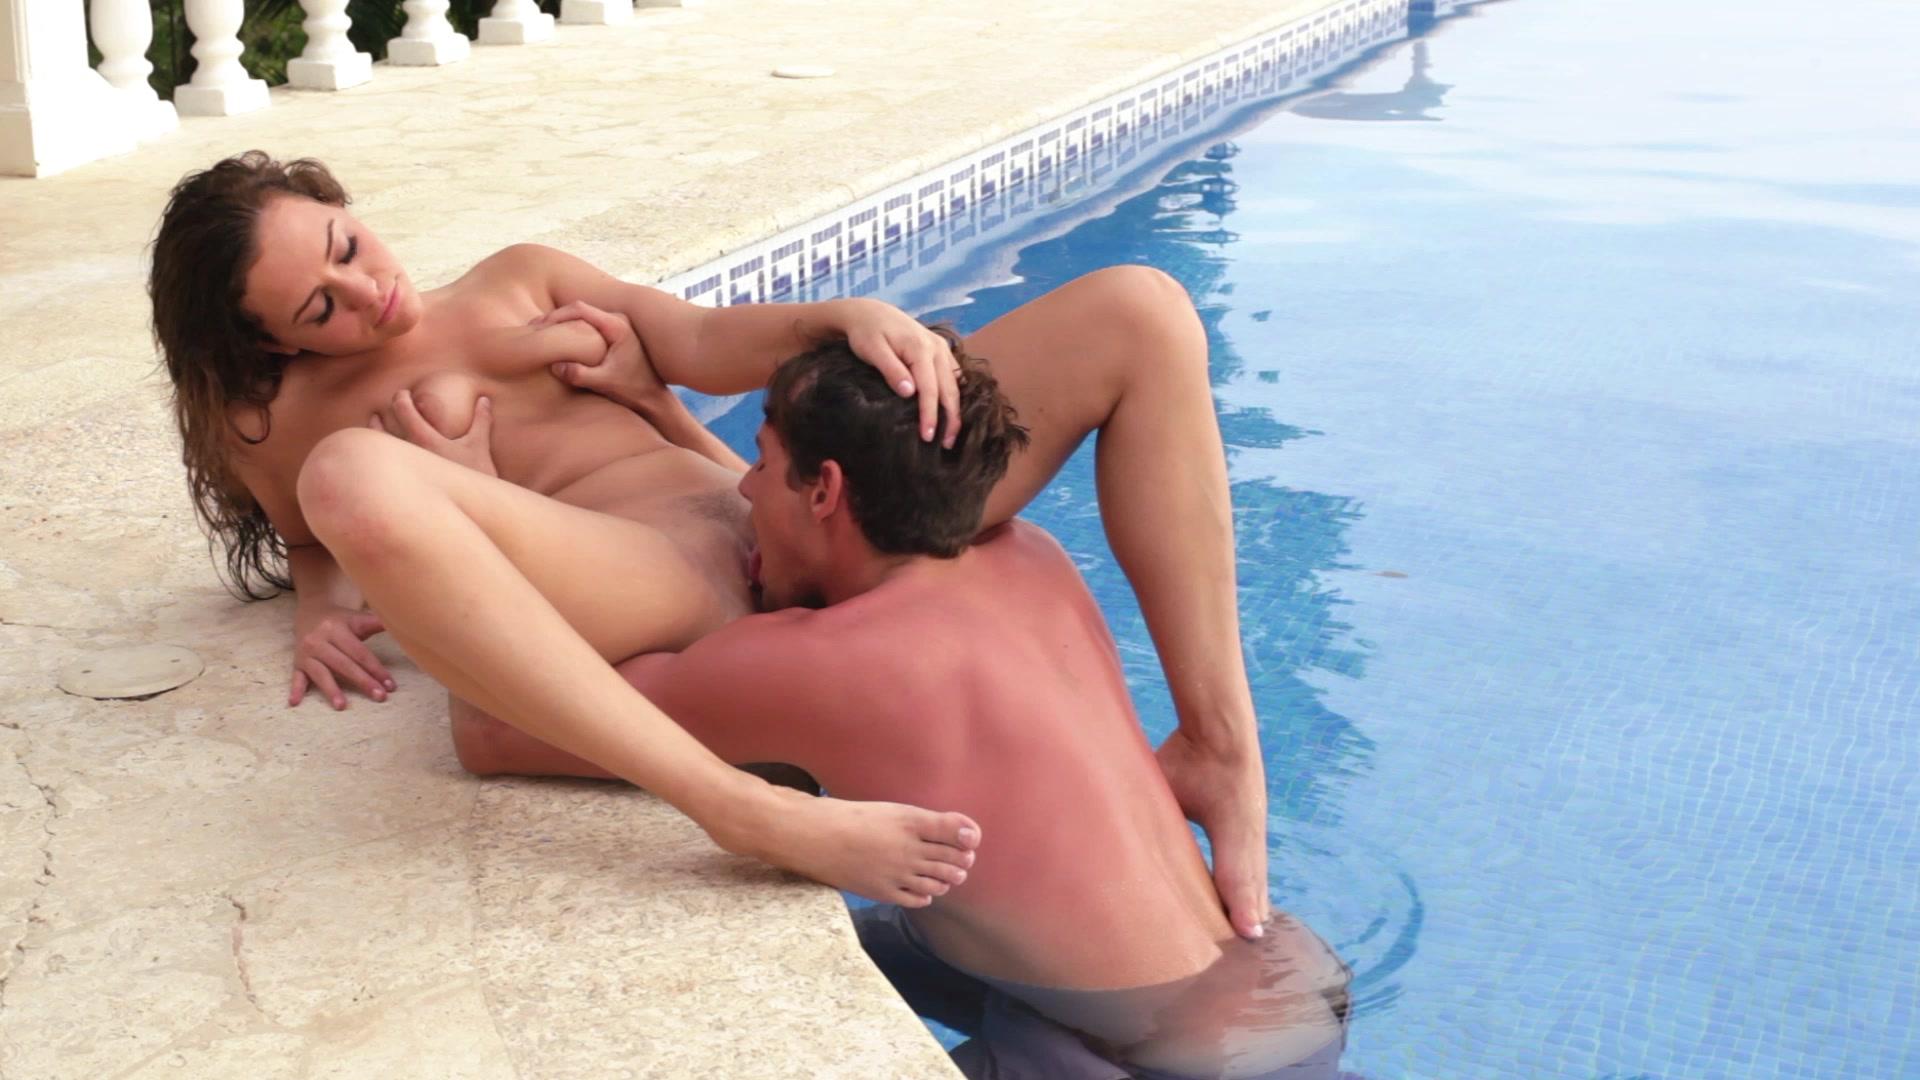 Спортивная девушка наслаждается кунилингусом в бассейне